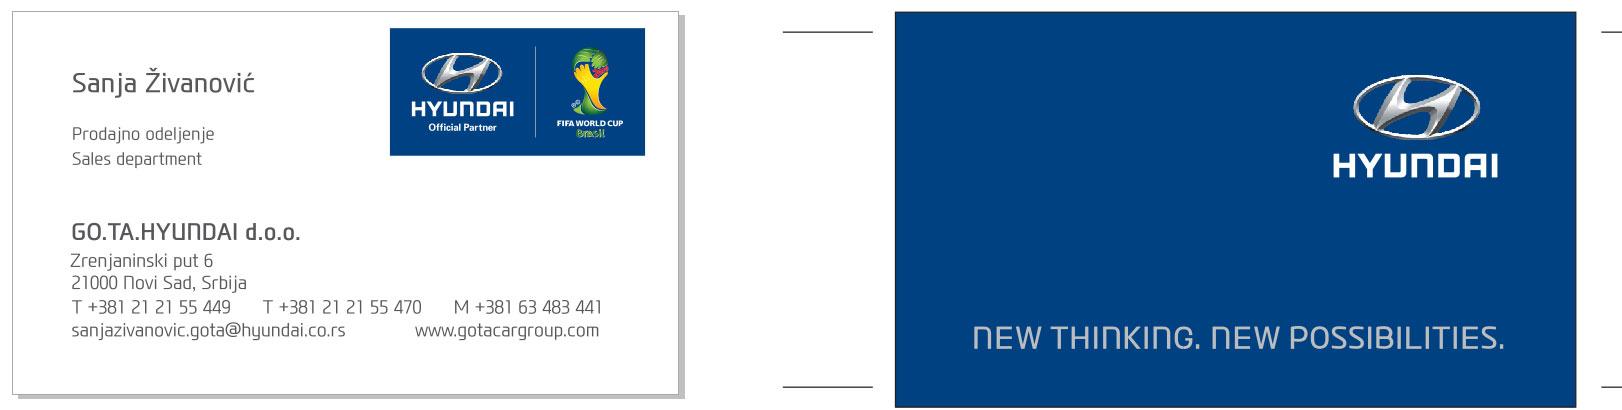 vizitkarta-novi-sad-2